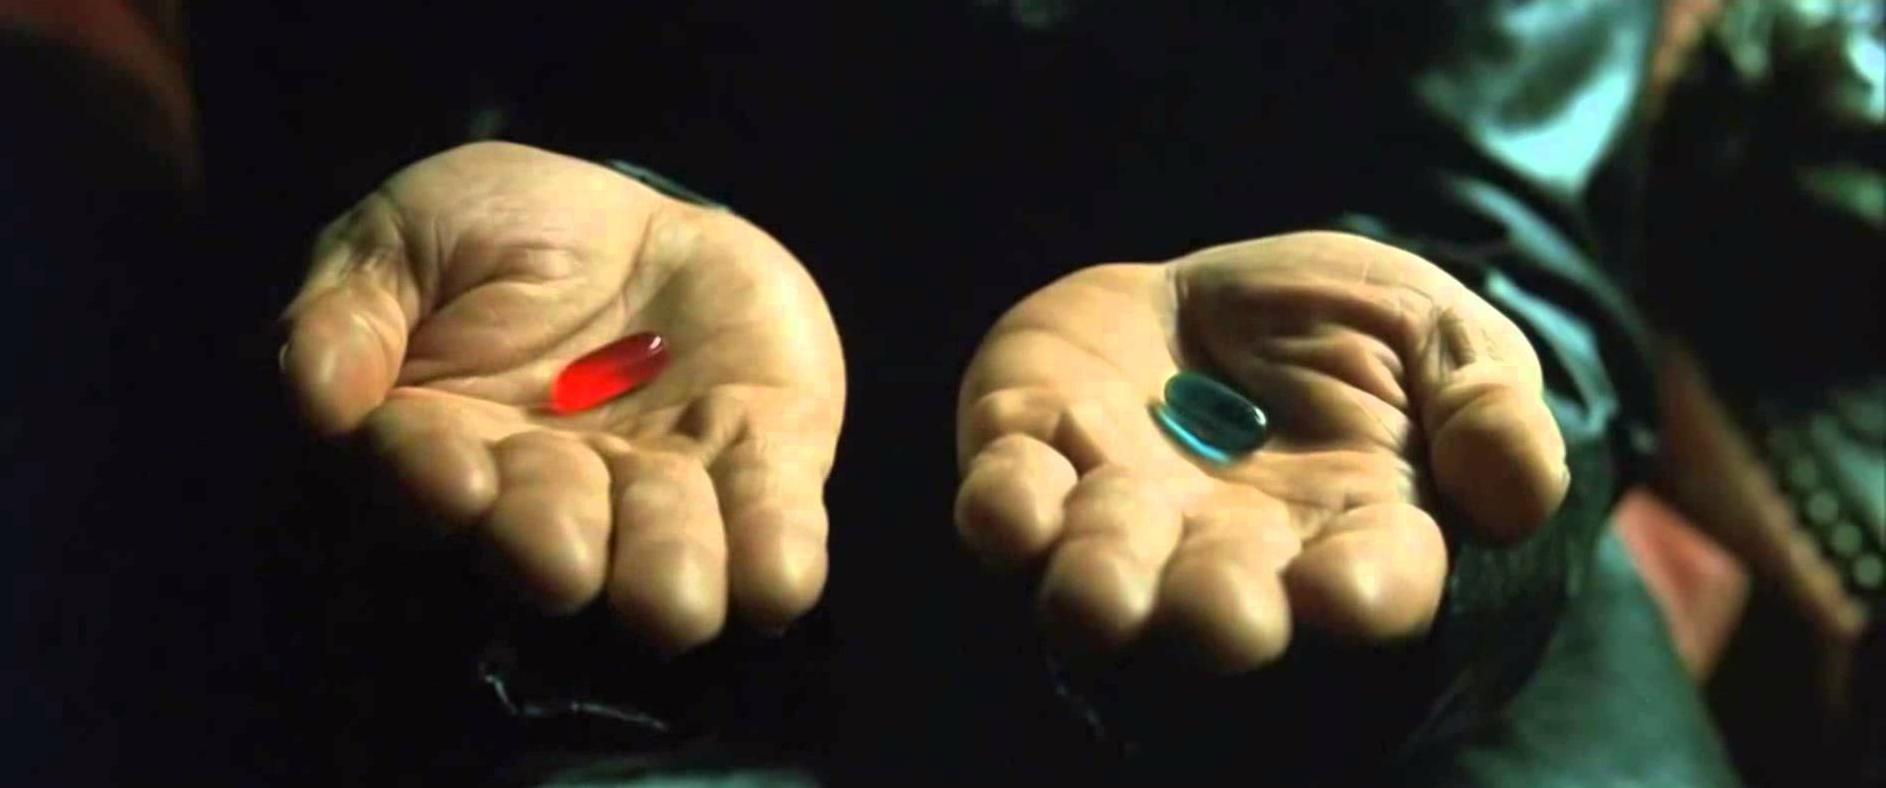 Resultado de imagem para pilula do extase dna